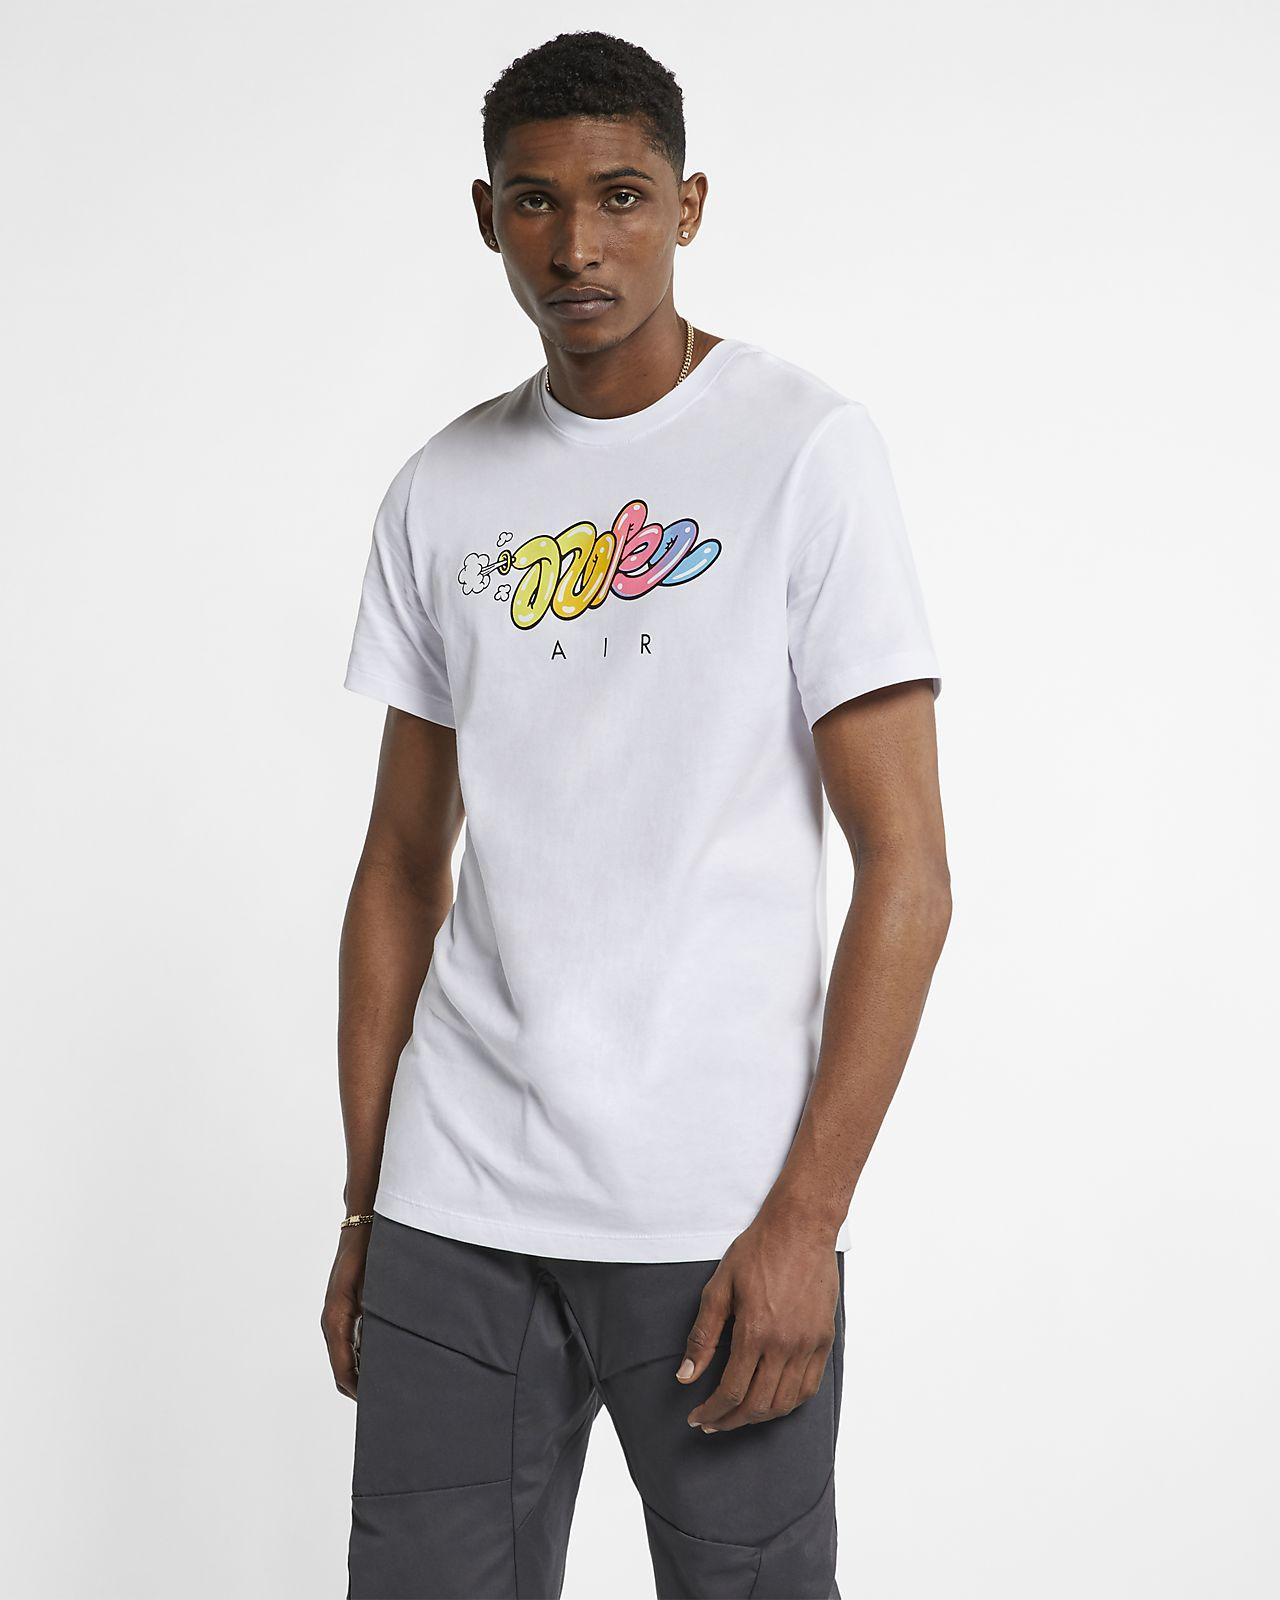 027199e39b9ba T-shirt Nike Sportswear - Uomo. Nike.com IT